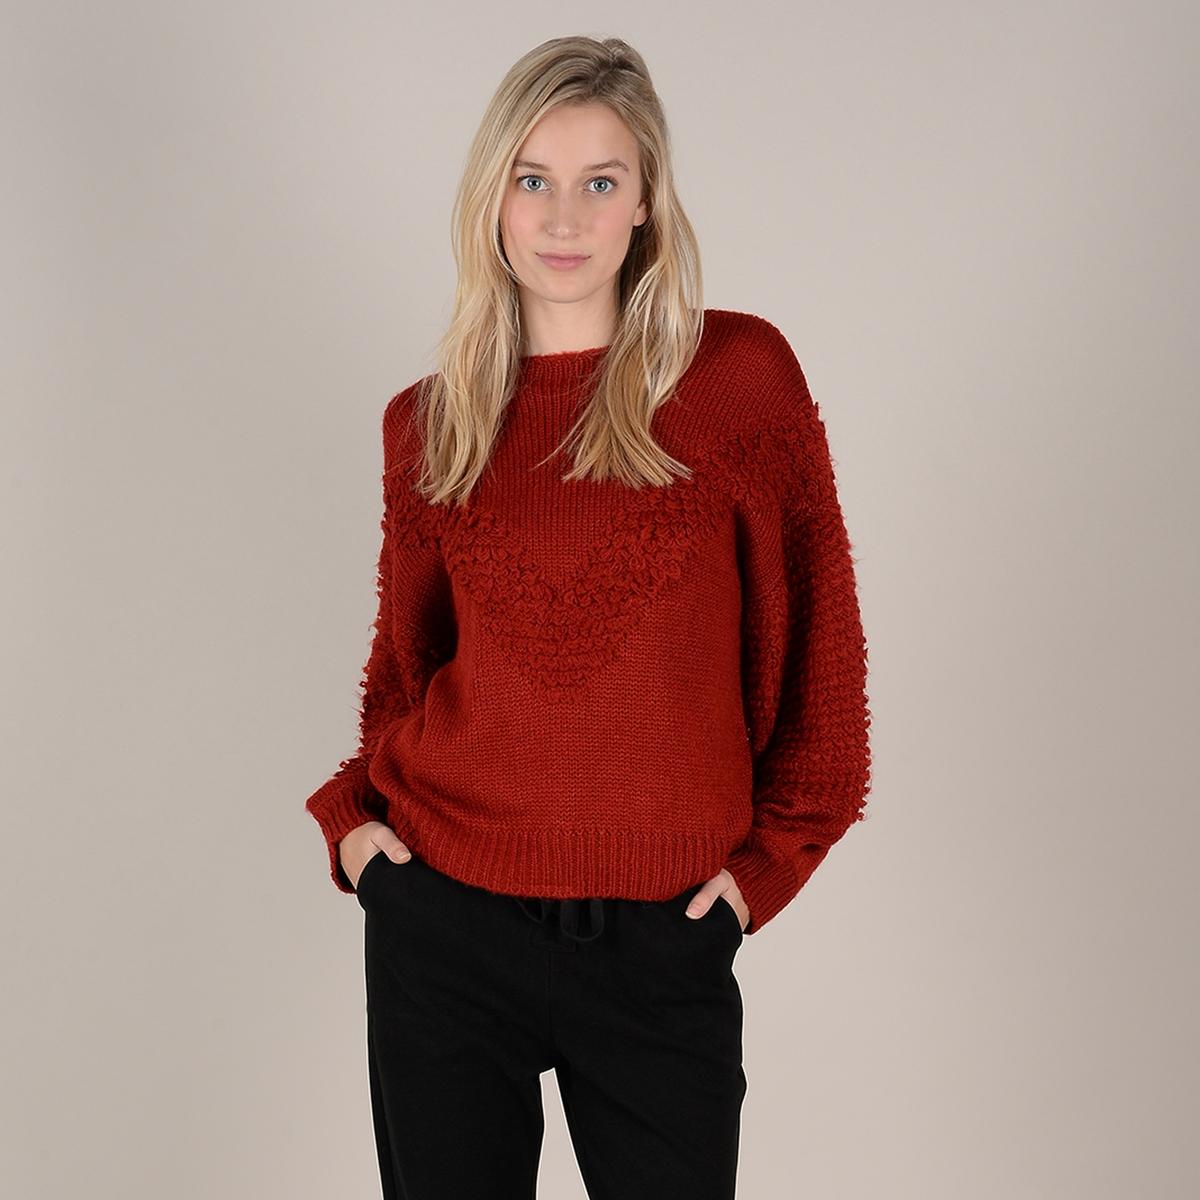 Пуловер La Redoute С круглым вырезом из плотного трикотажа M/L красный пуловер la redoute с круглым вырезом из плотного трикотажа 3xl бежевый